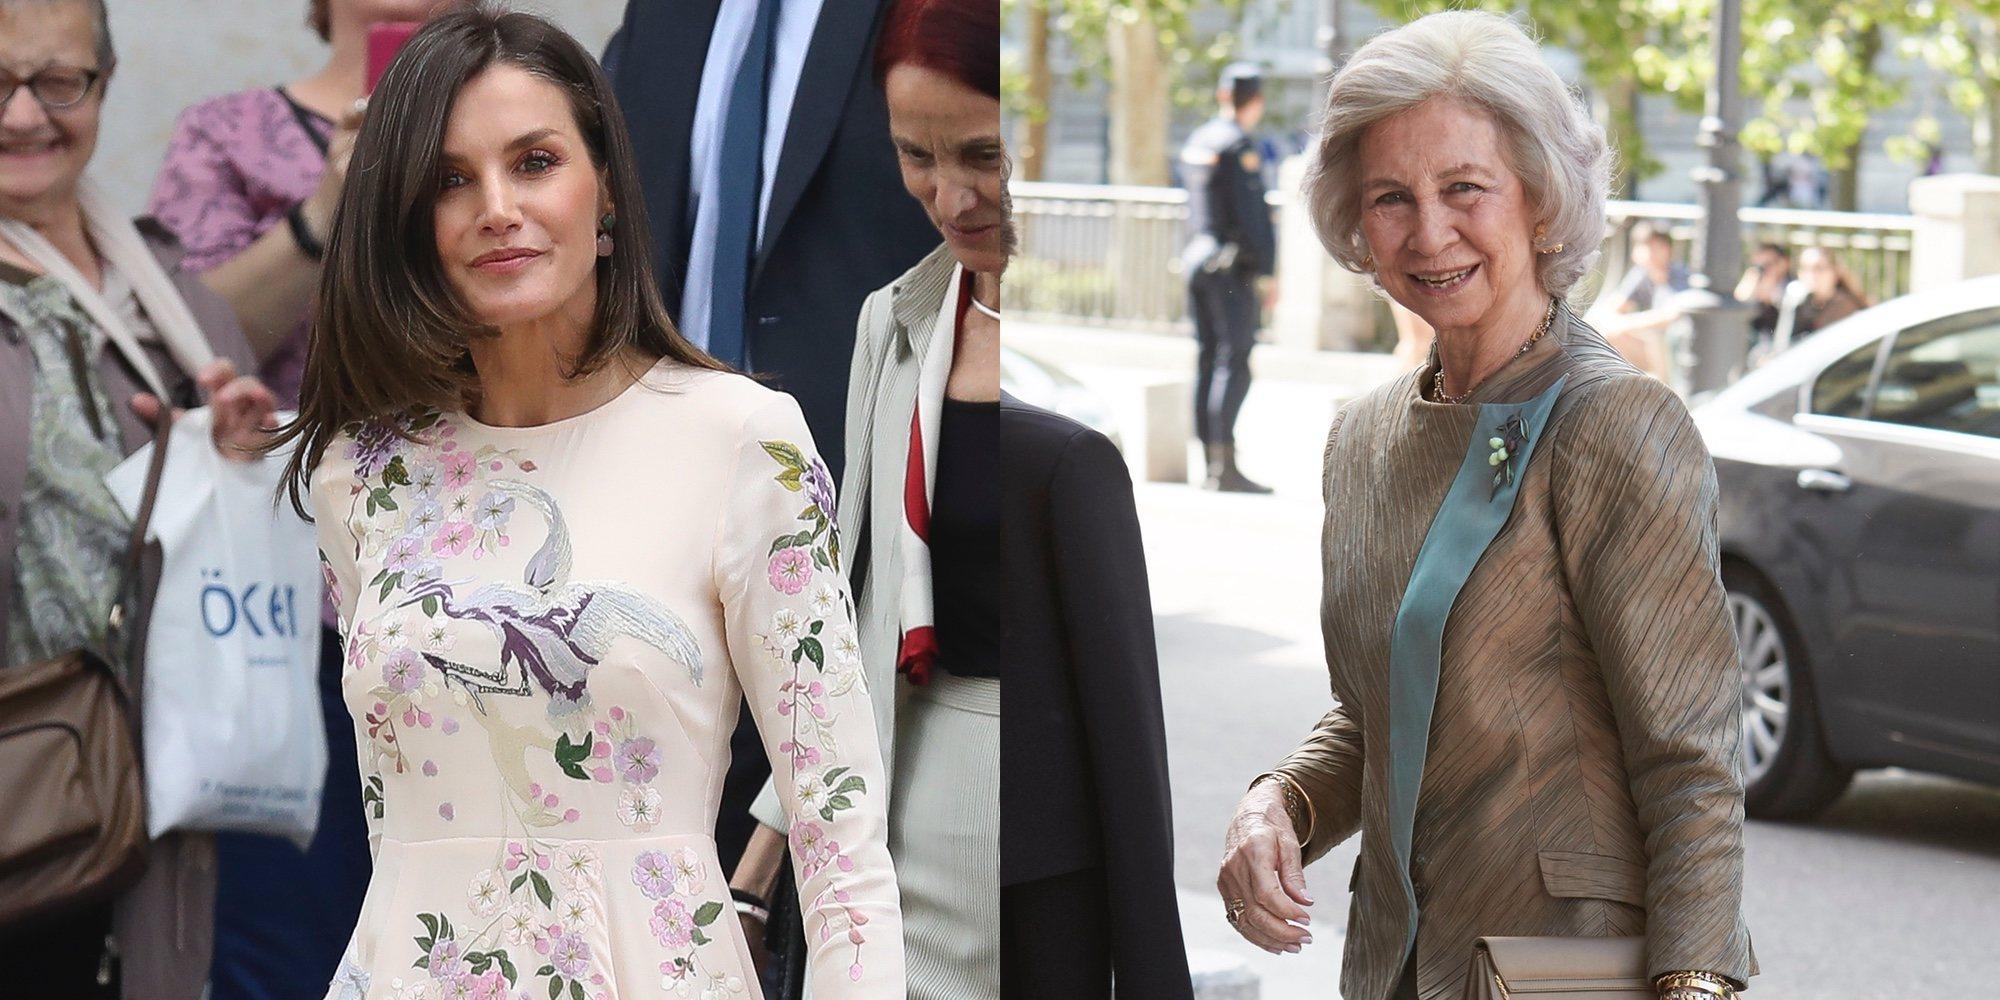 El Rey Felipe y el Rey Juan Carlos, unidos de nuevo mientras la Reina Letizia y la Reina Sofía van cada una por su lado